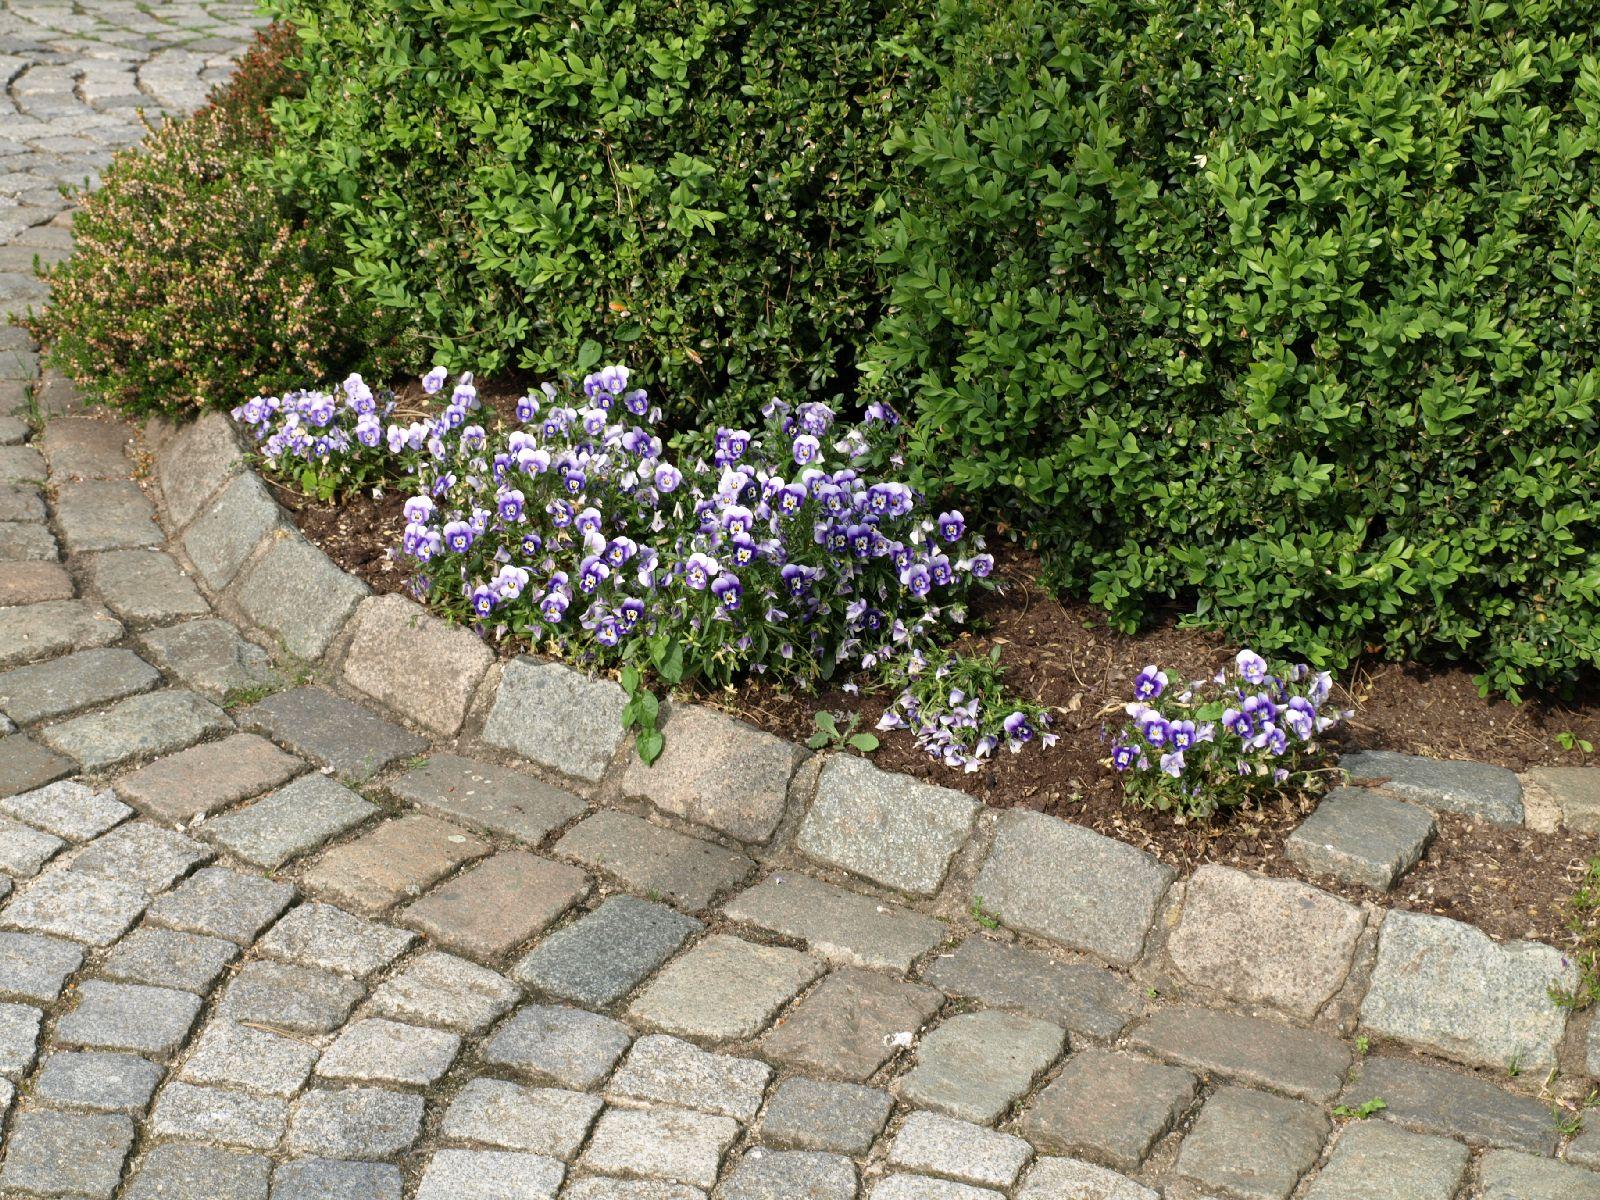 Pflanzen-Blumen-Foto_Textur_B_P5253067